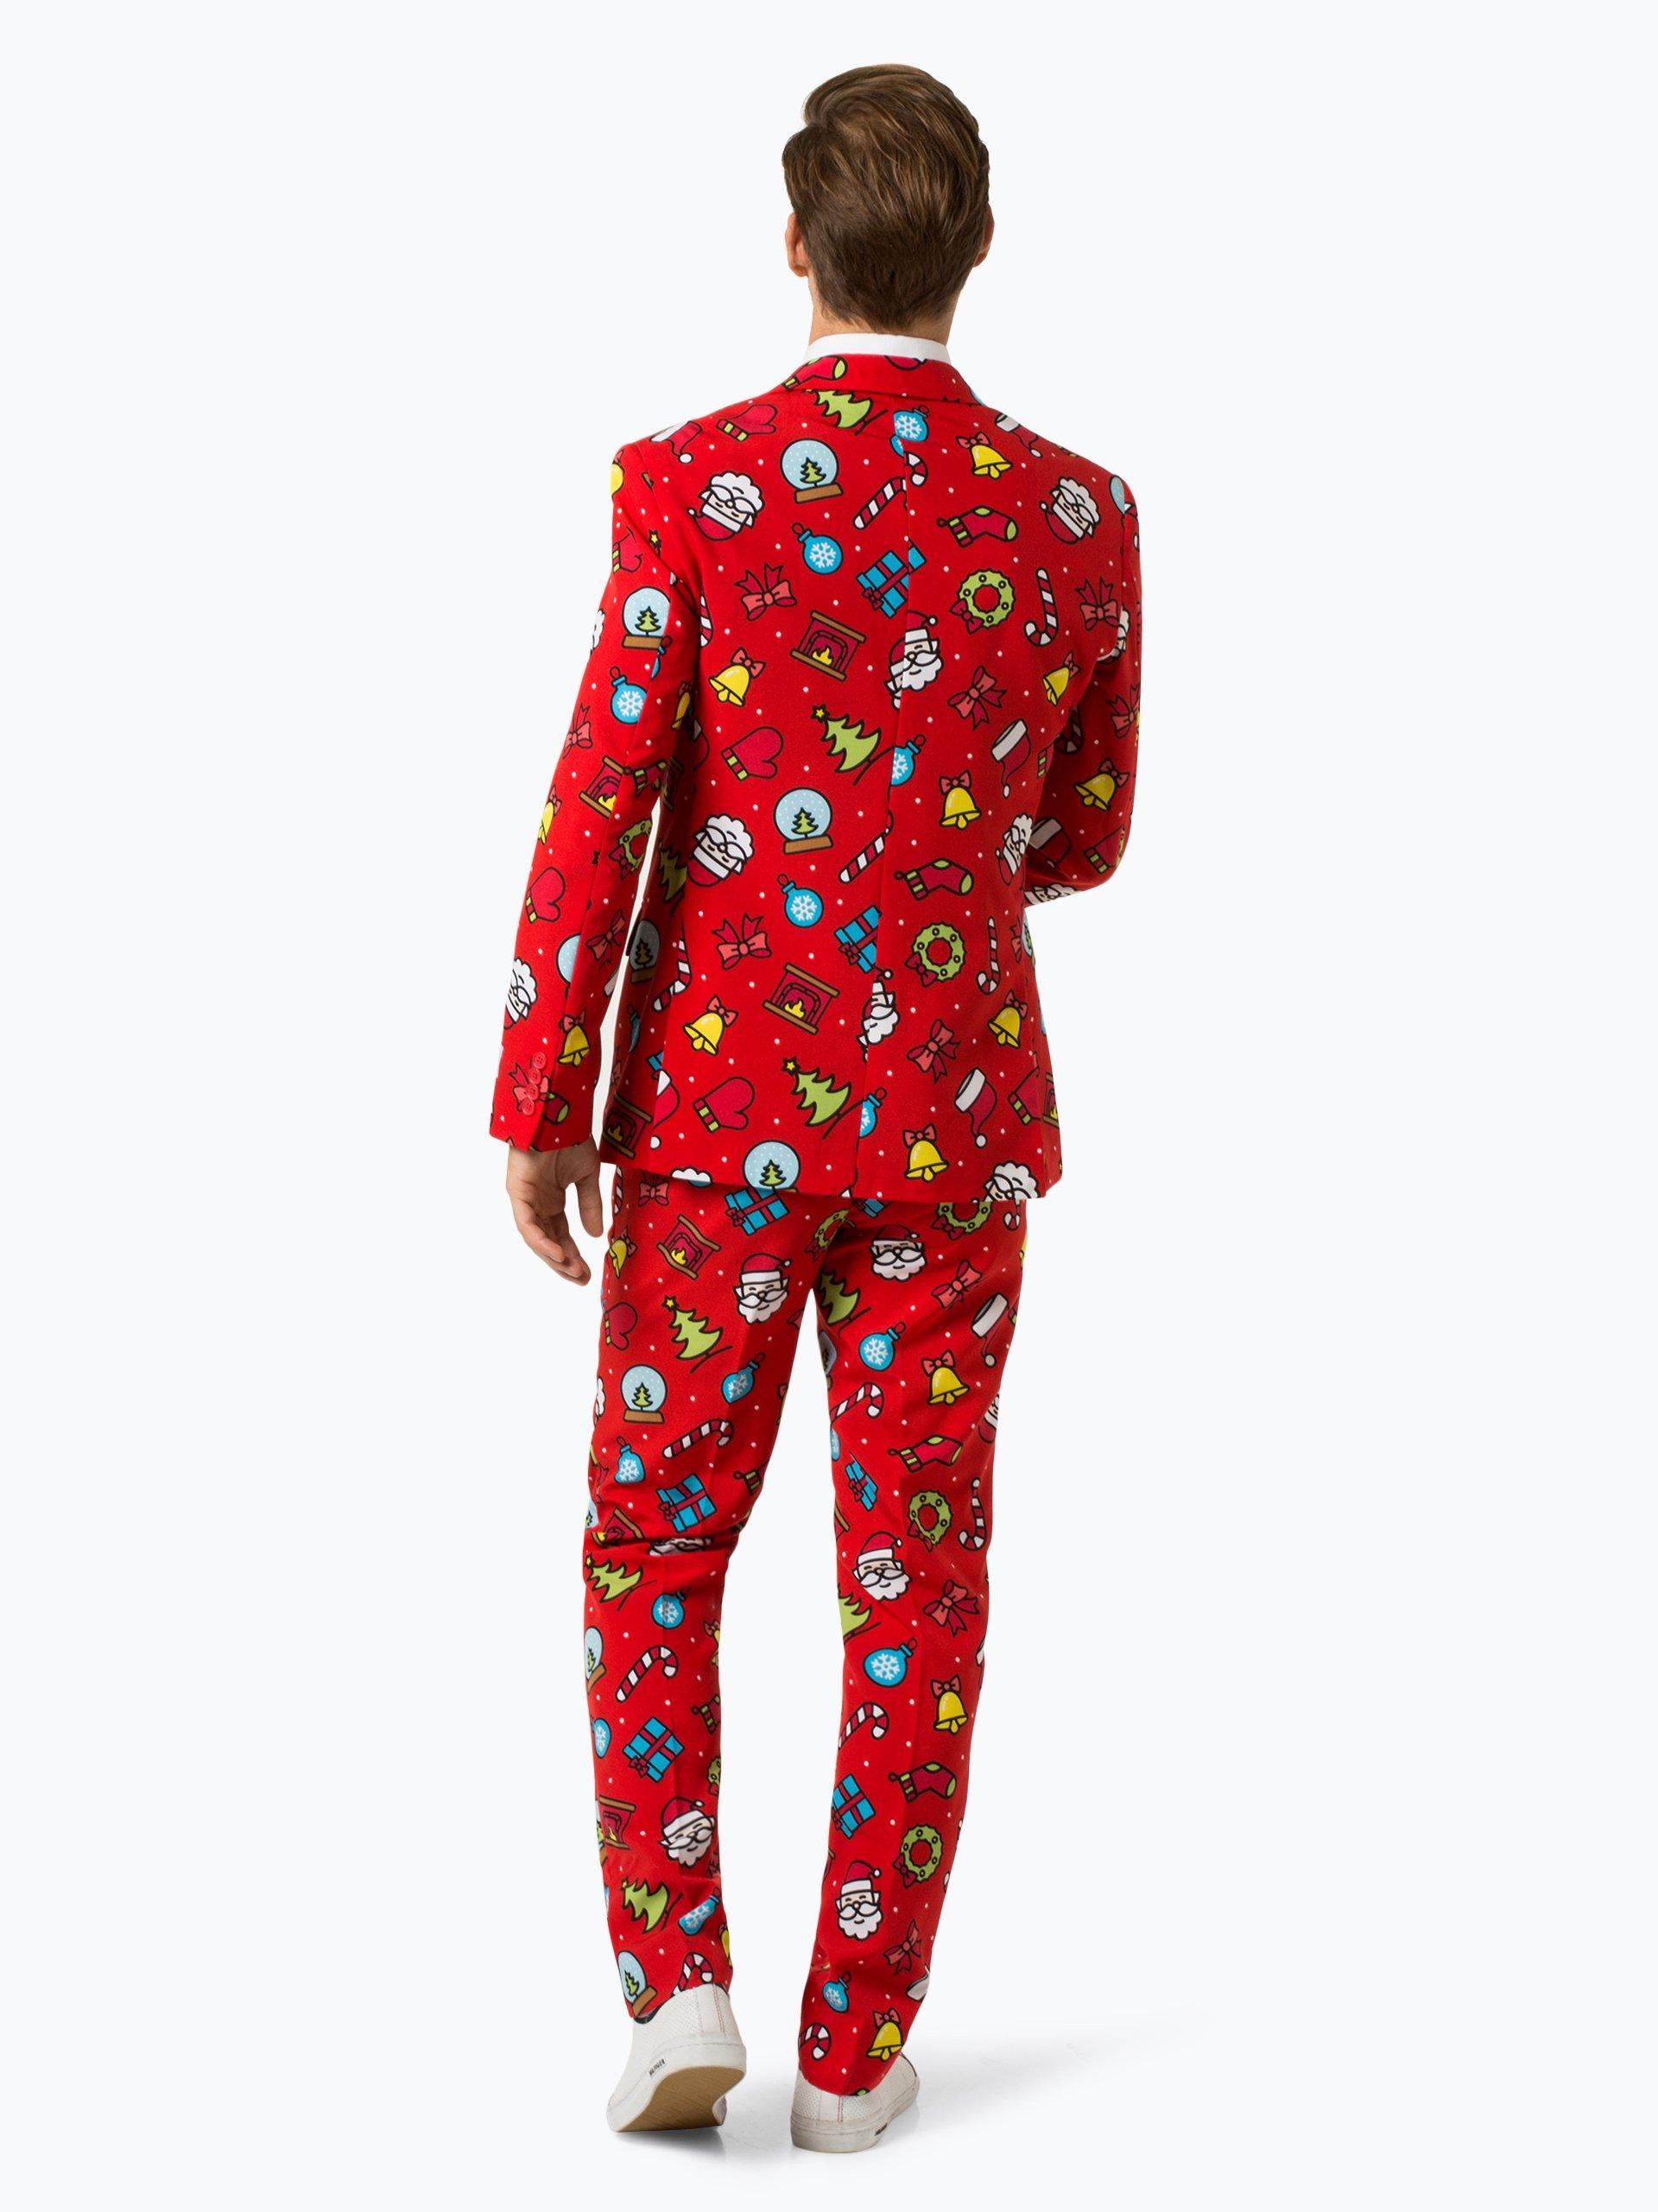 b3e428d253c38 OppoSuits Garnitur męski z krawatem – Dapper Decorator kup online ...